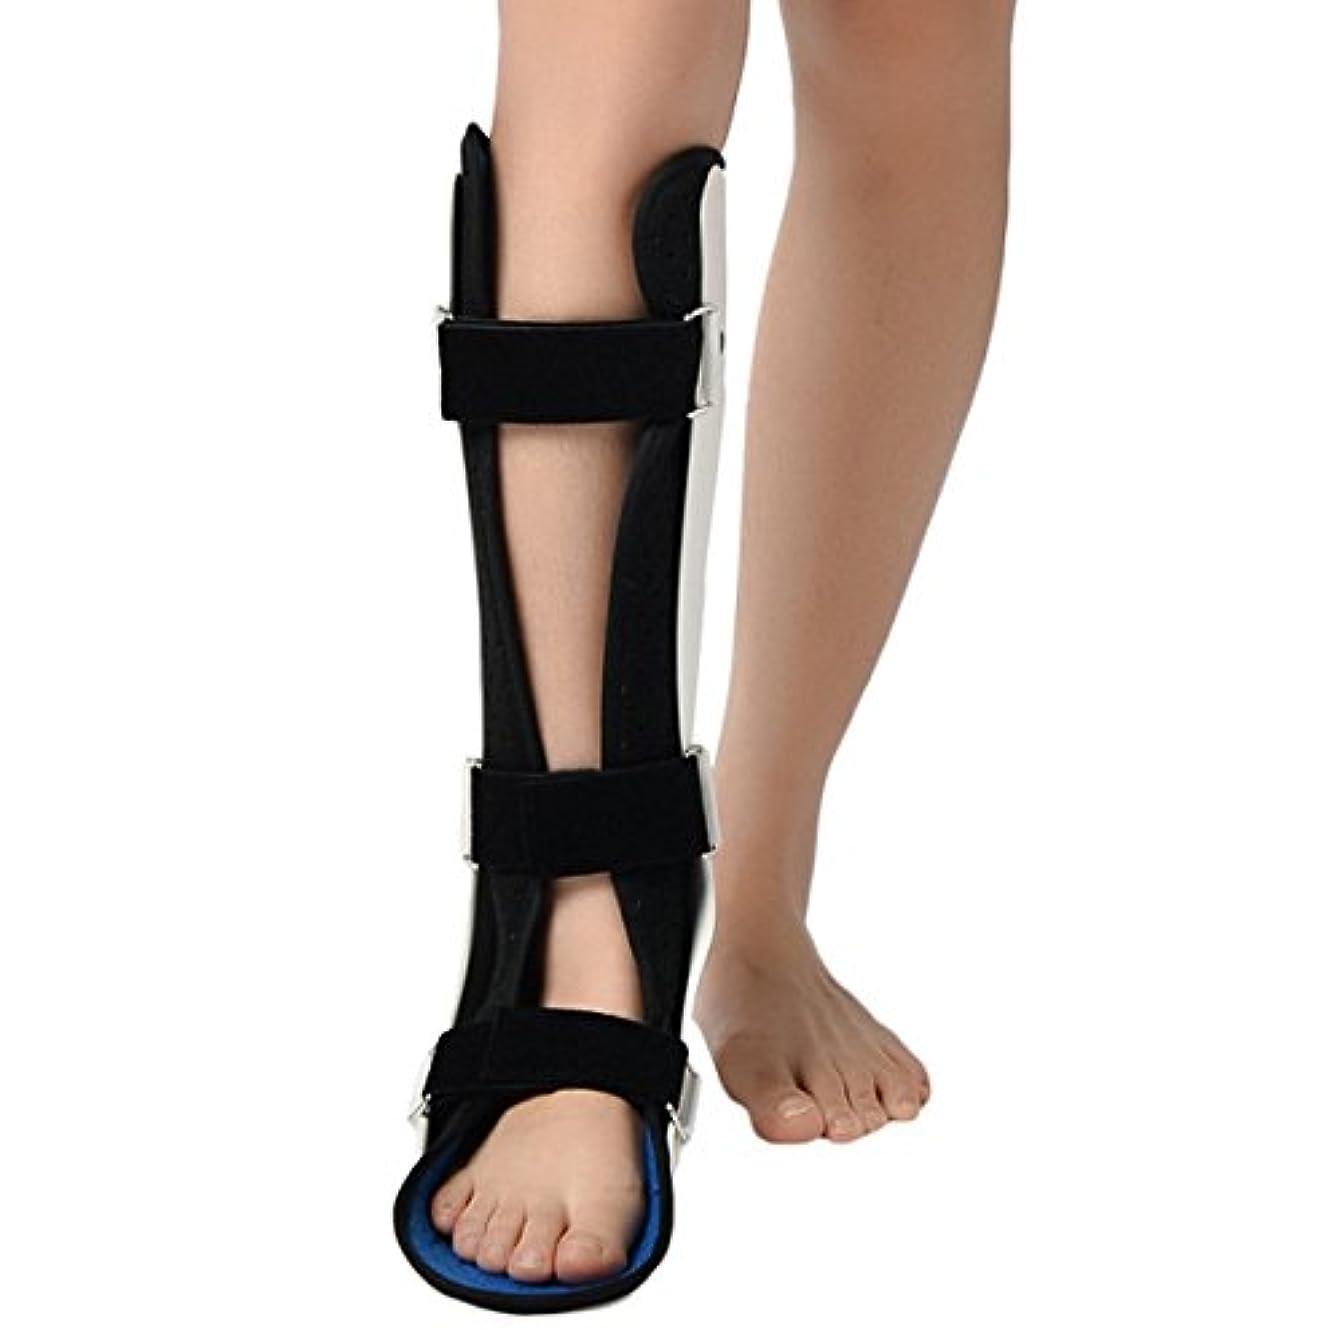 気分が良いつかむ摂氏度アンクル骨折リハビリテーション看護ケア固定足アンクルブーツアンクルブレースサポート足の捻挫足首サポートブレース